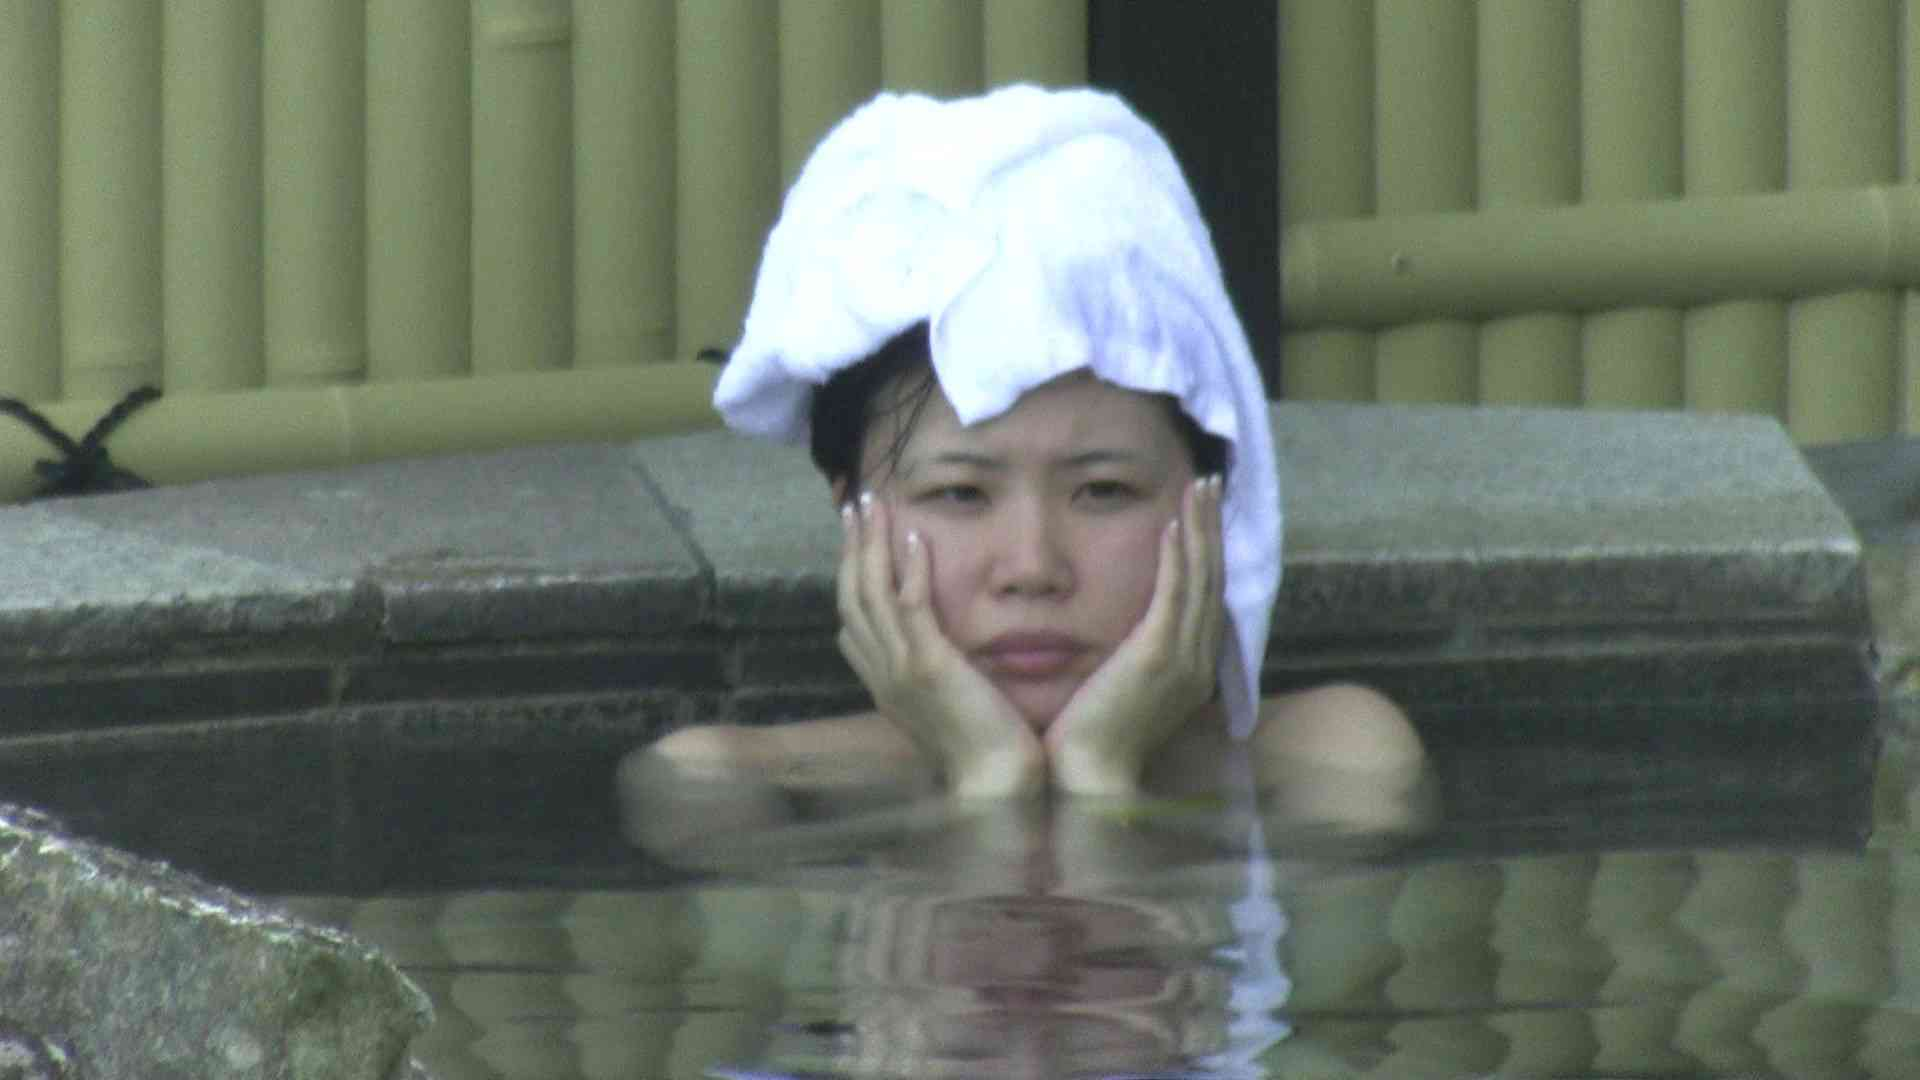 Aquaな露天風呂Vol.183 盗撮  69画像 63